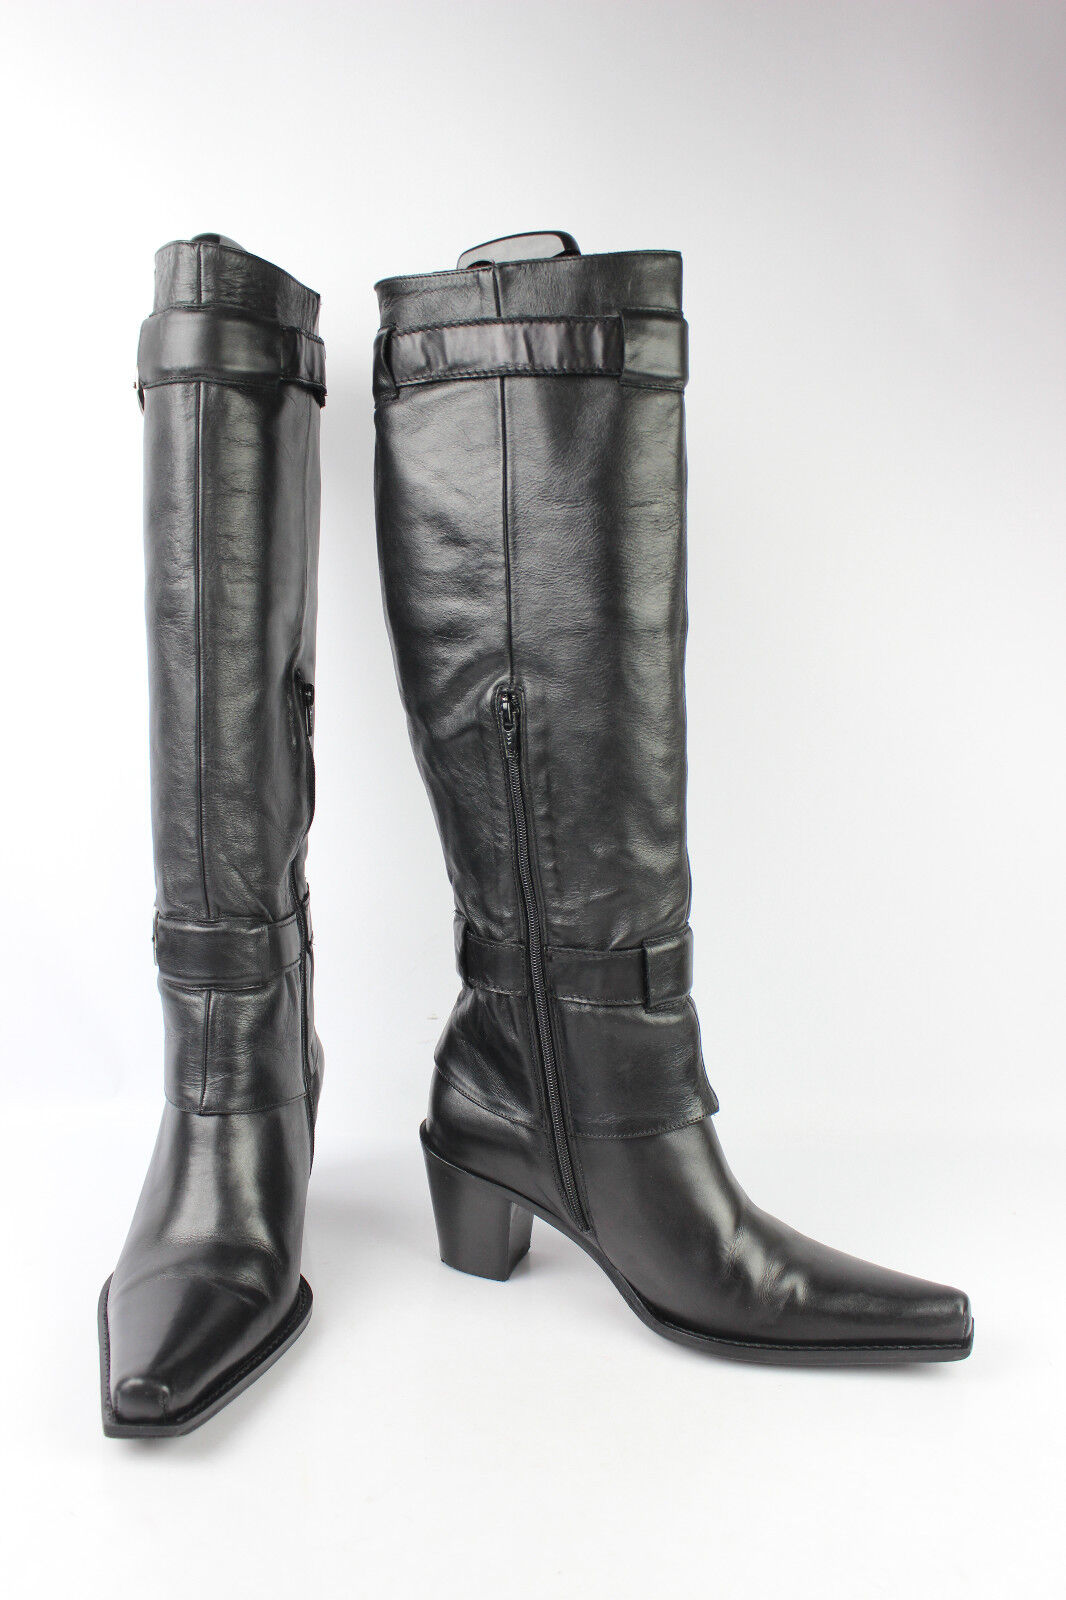 Stiefel ACCESSOIRE sehr DIFFUSION Vollleder schwarz t 37,5 sehr ACCESSOIRE guter Zustand cbc94e